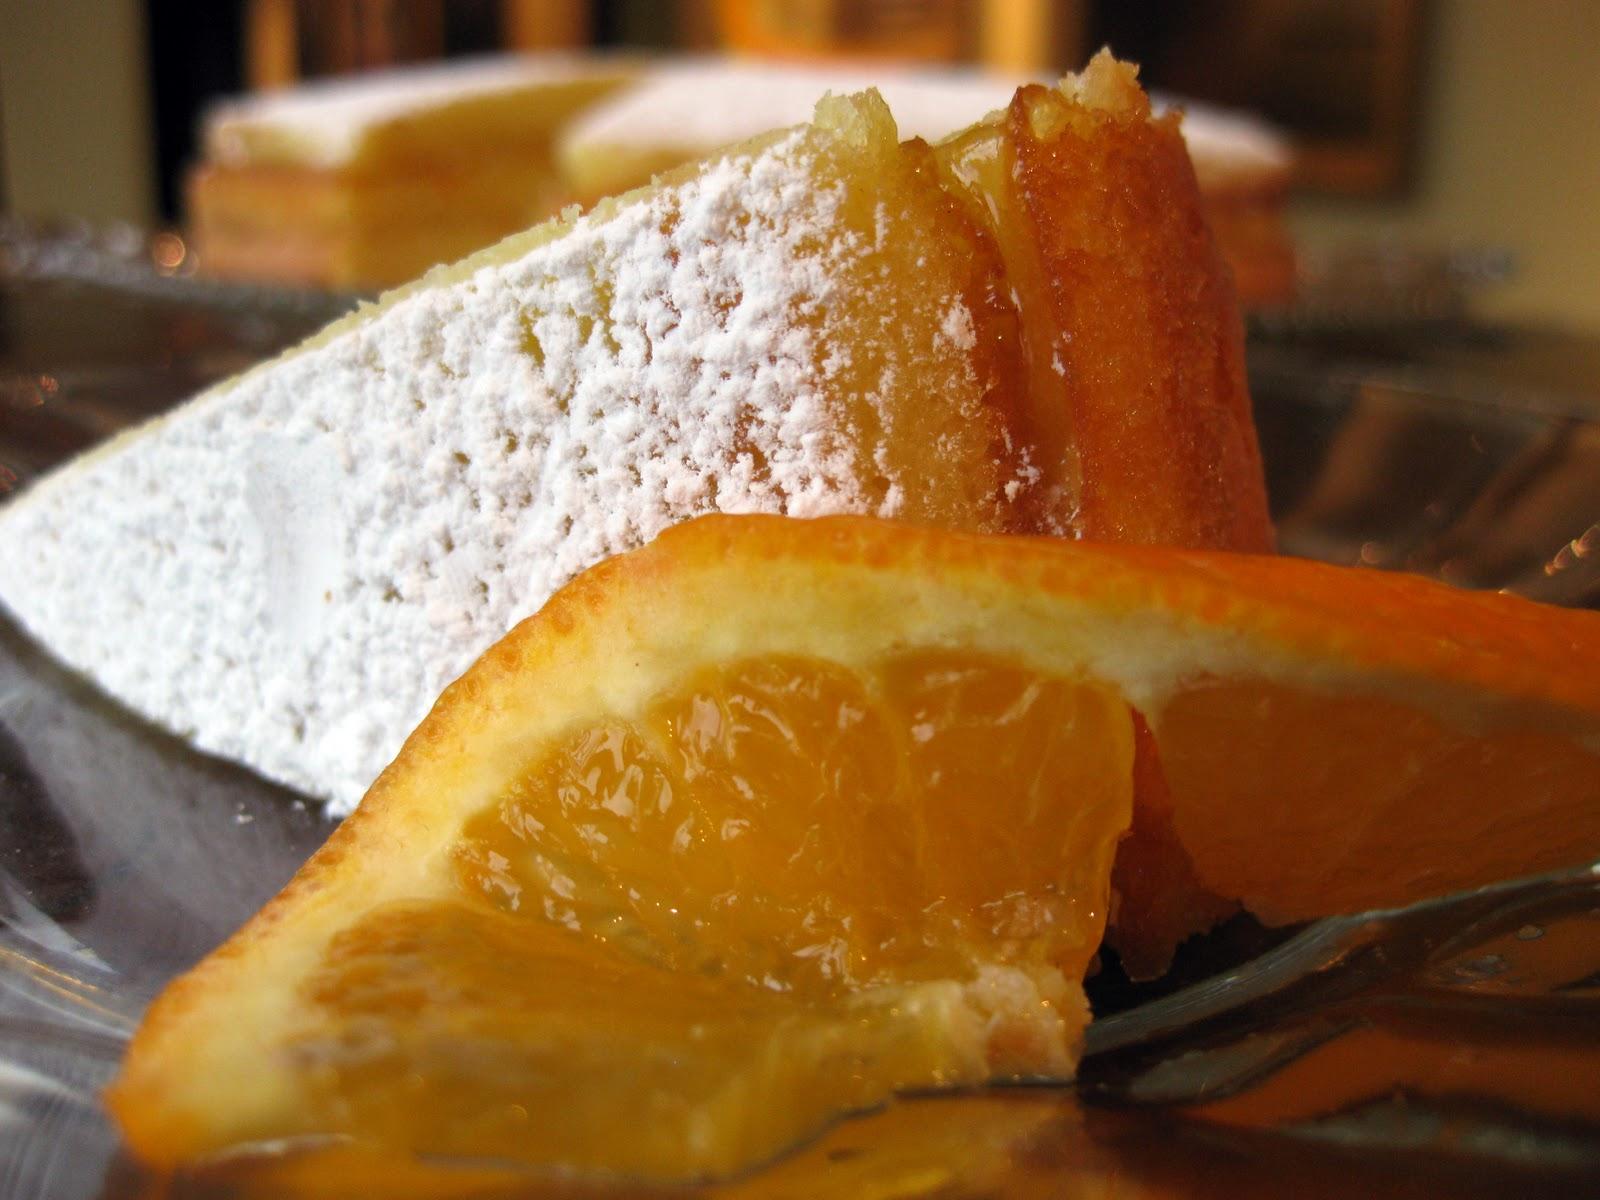 How To Make Maria Luisa Cake